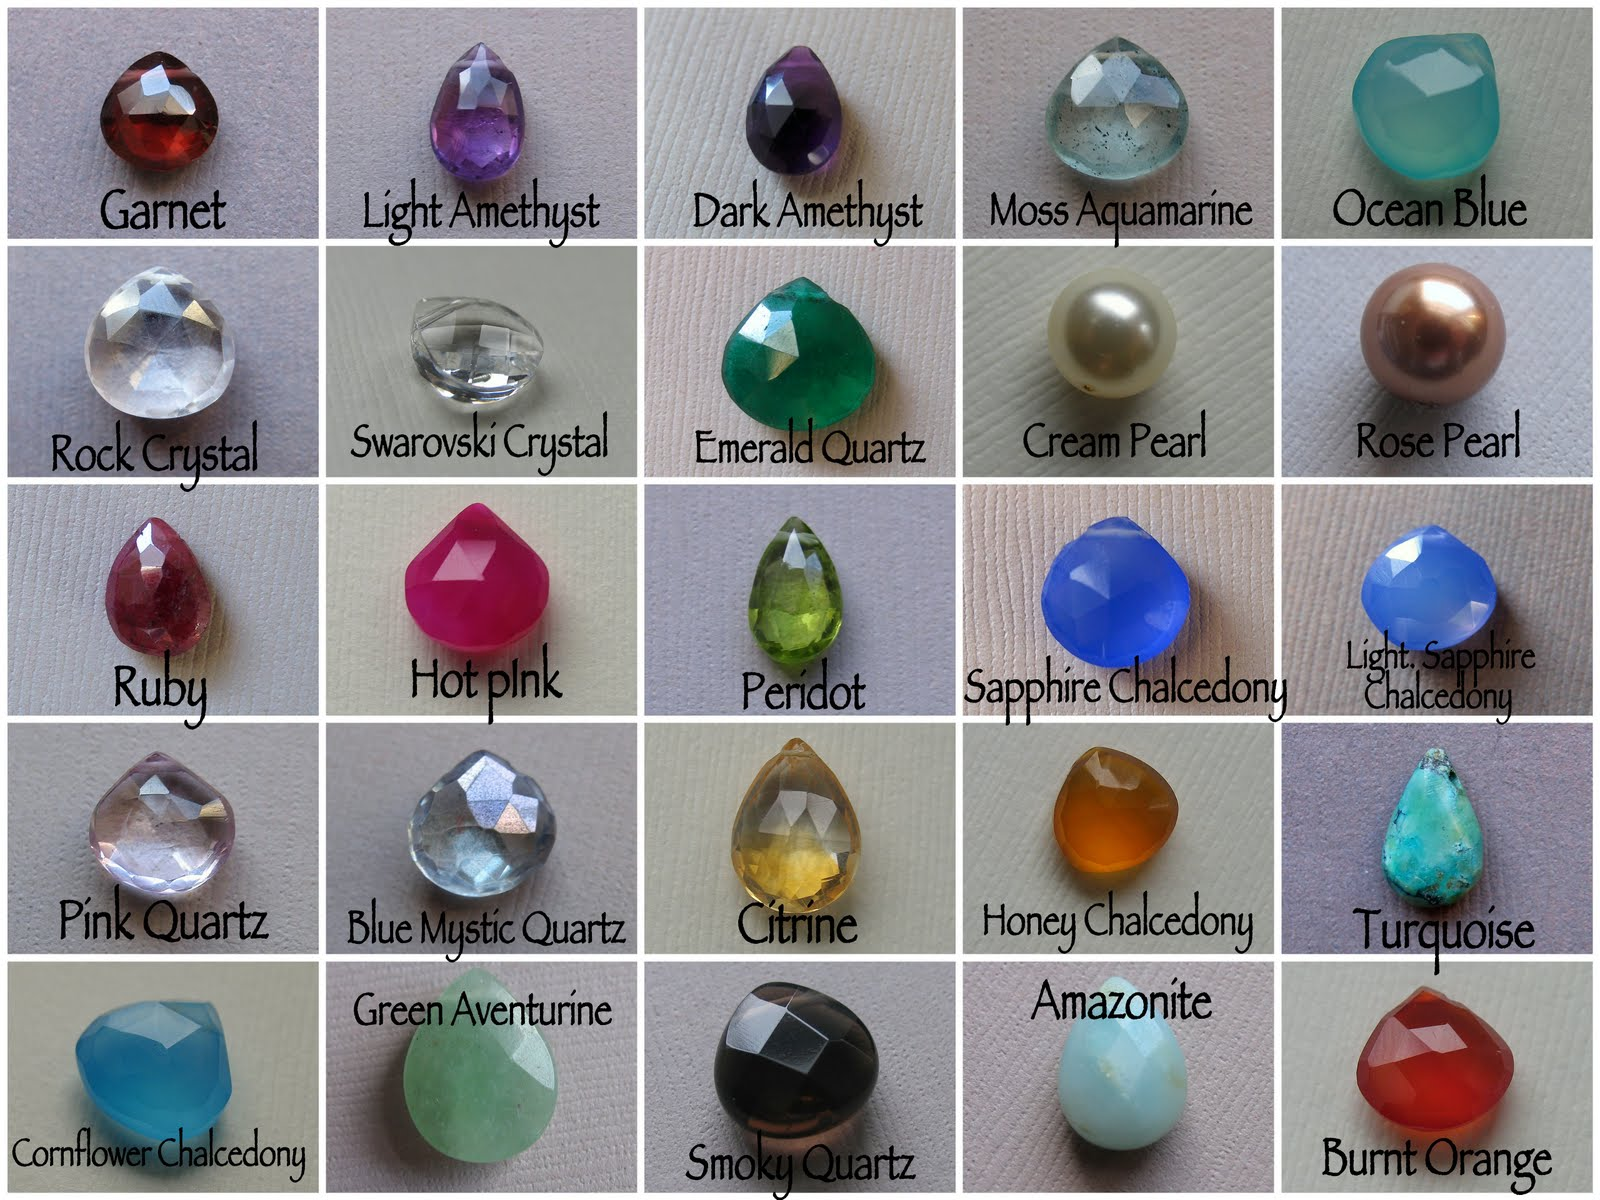 rare stones and gems names